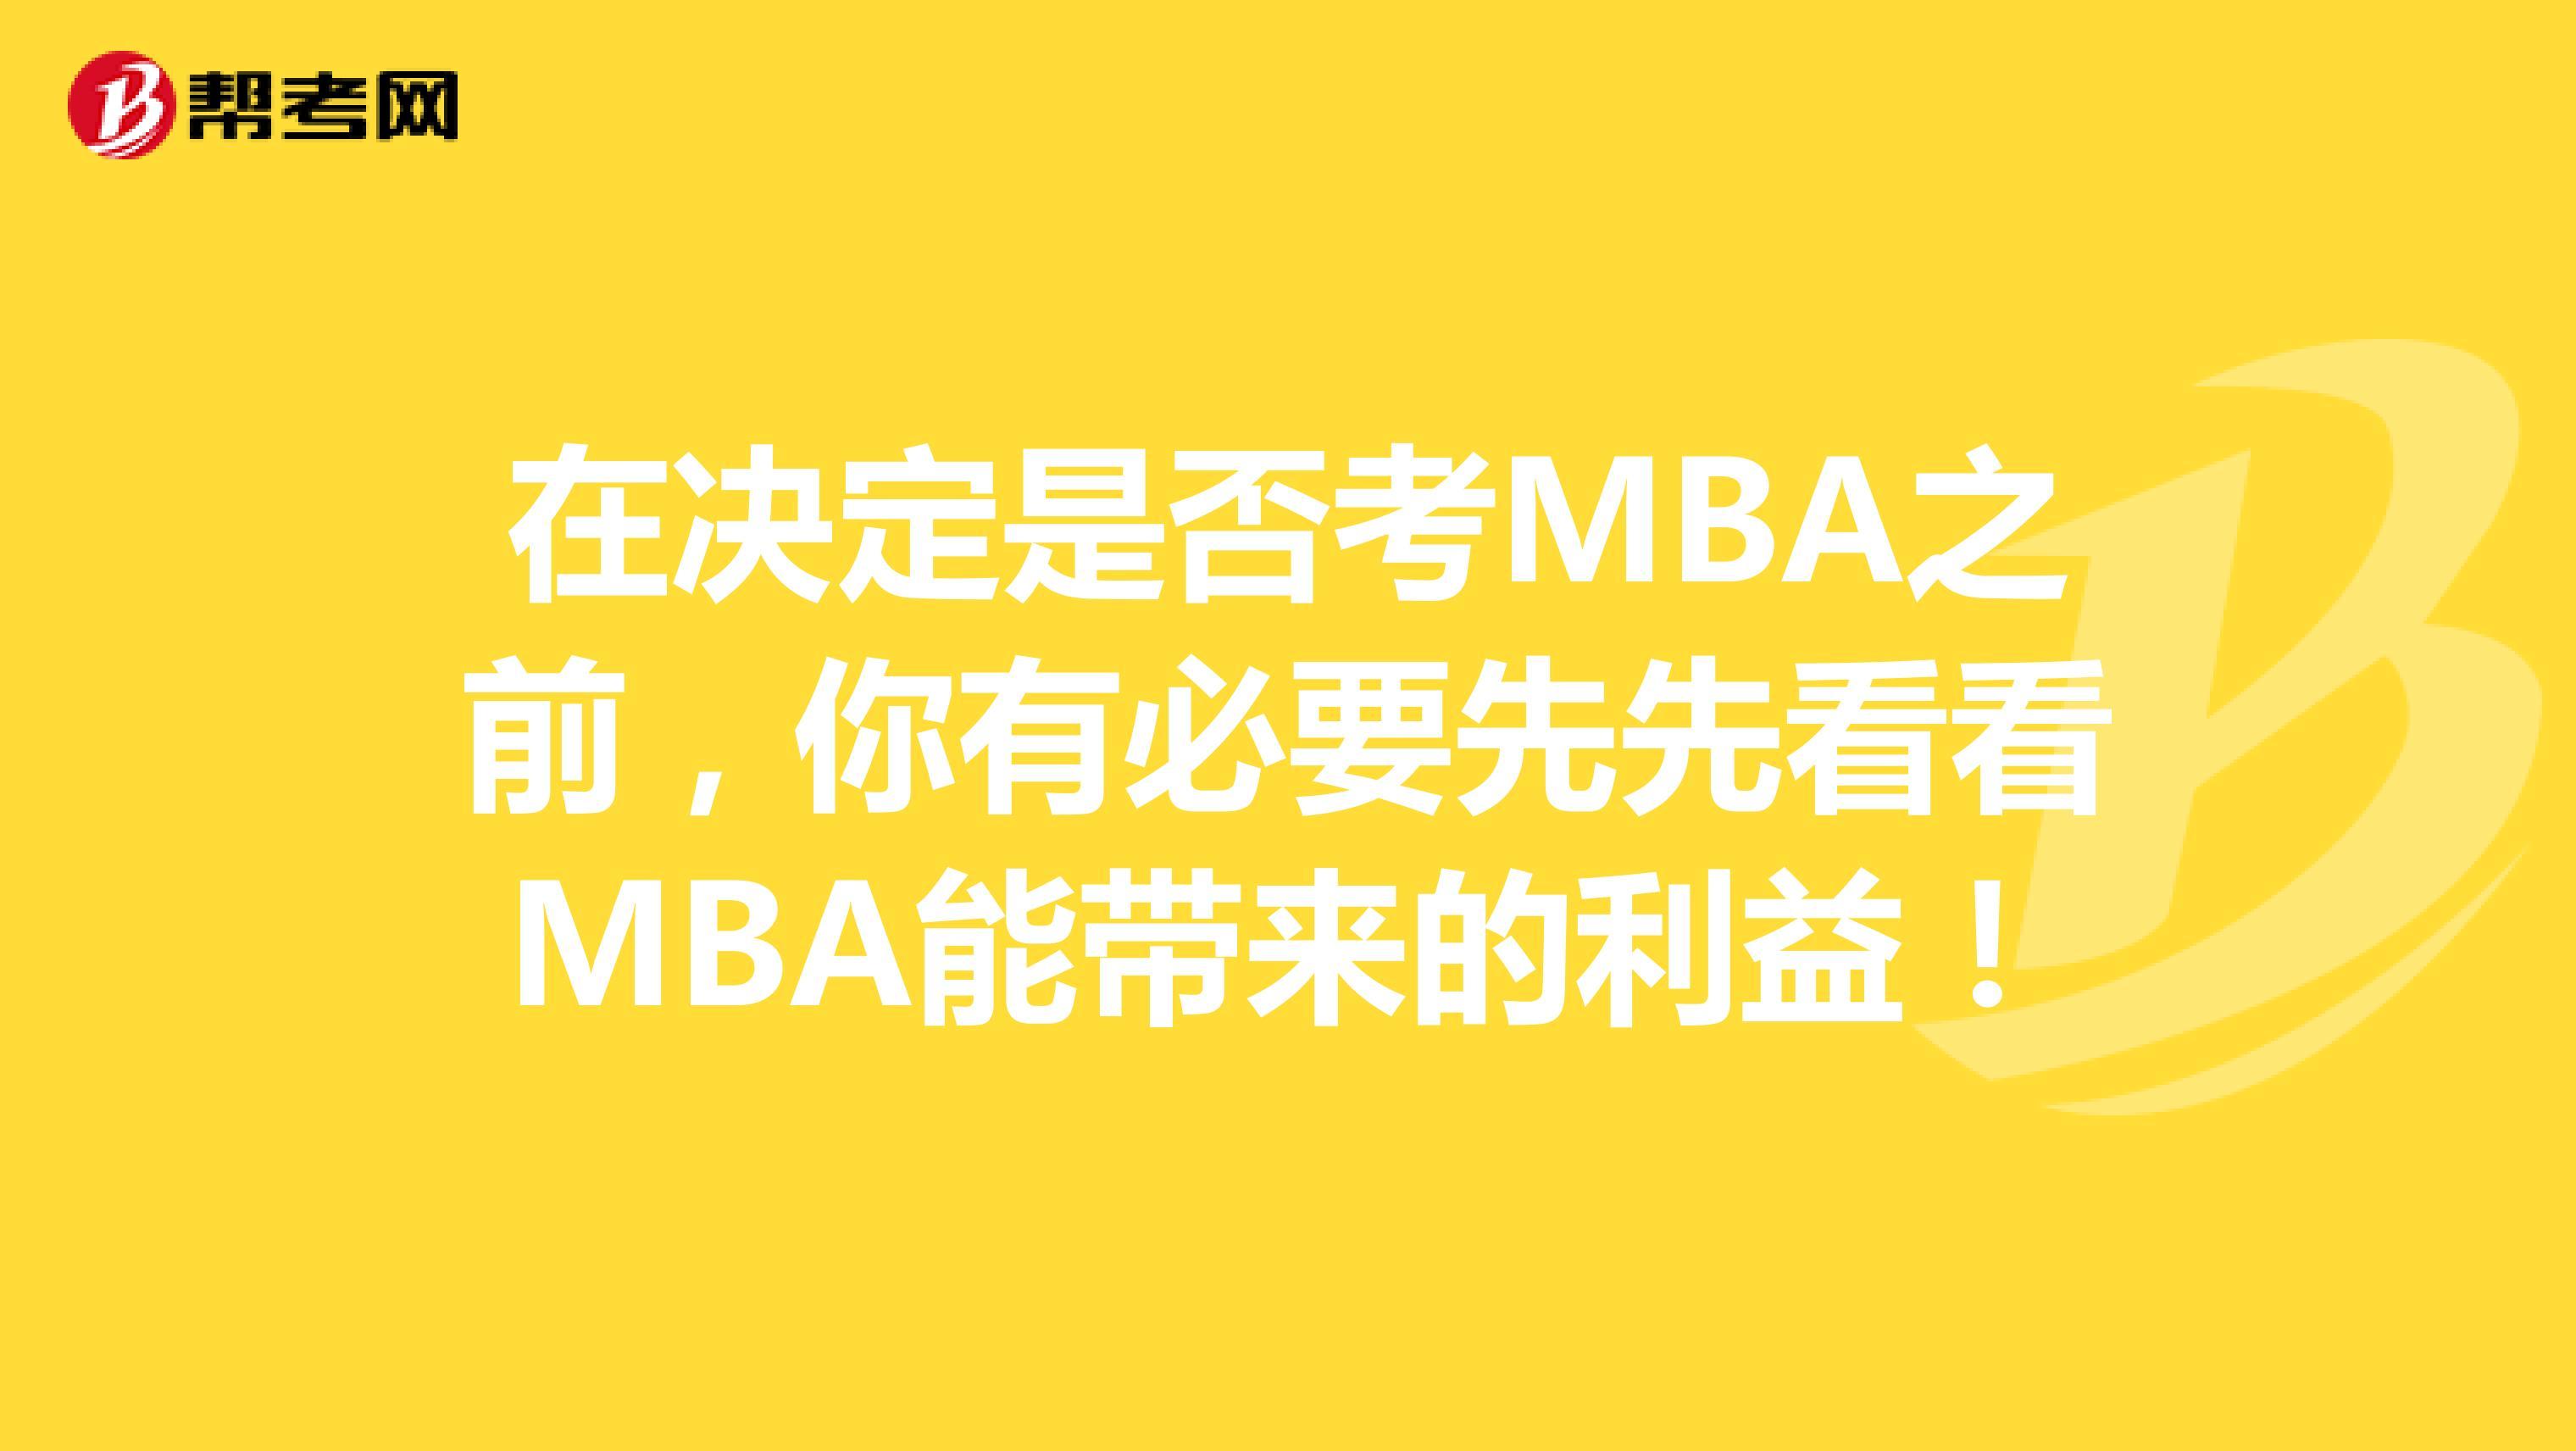 在决定是否考MBA之前,你有必要先先看看MBA能带来的利益!